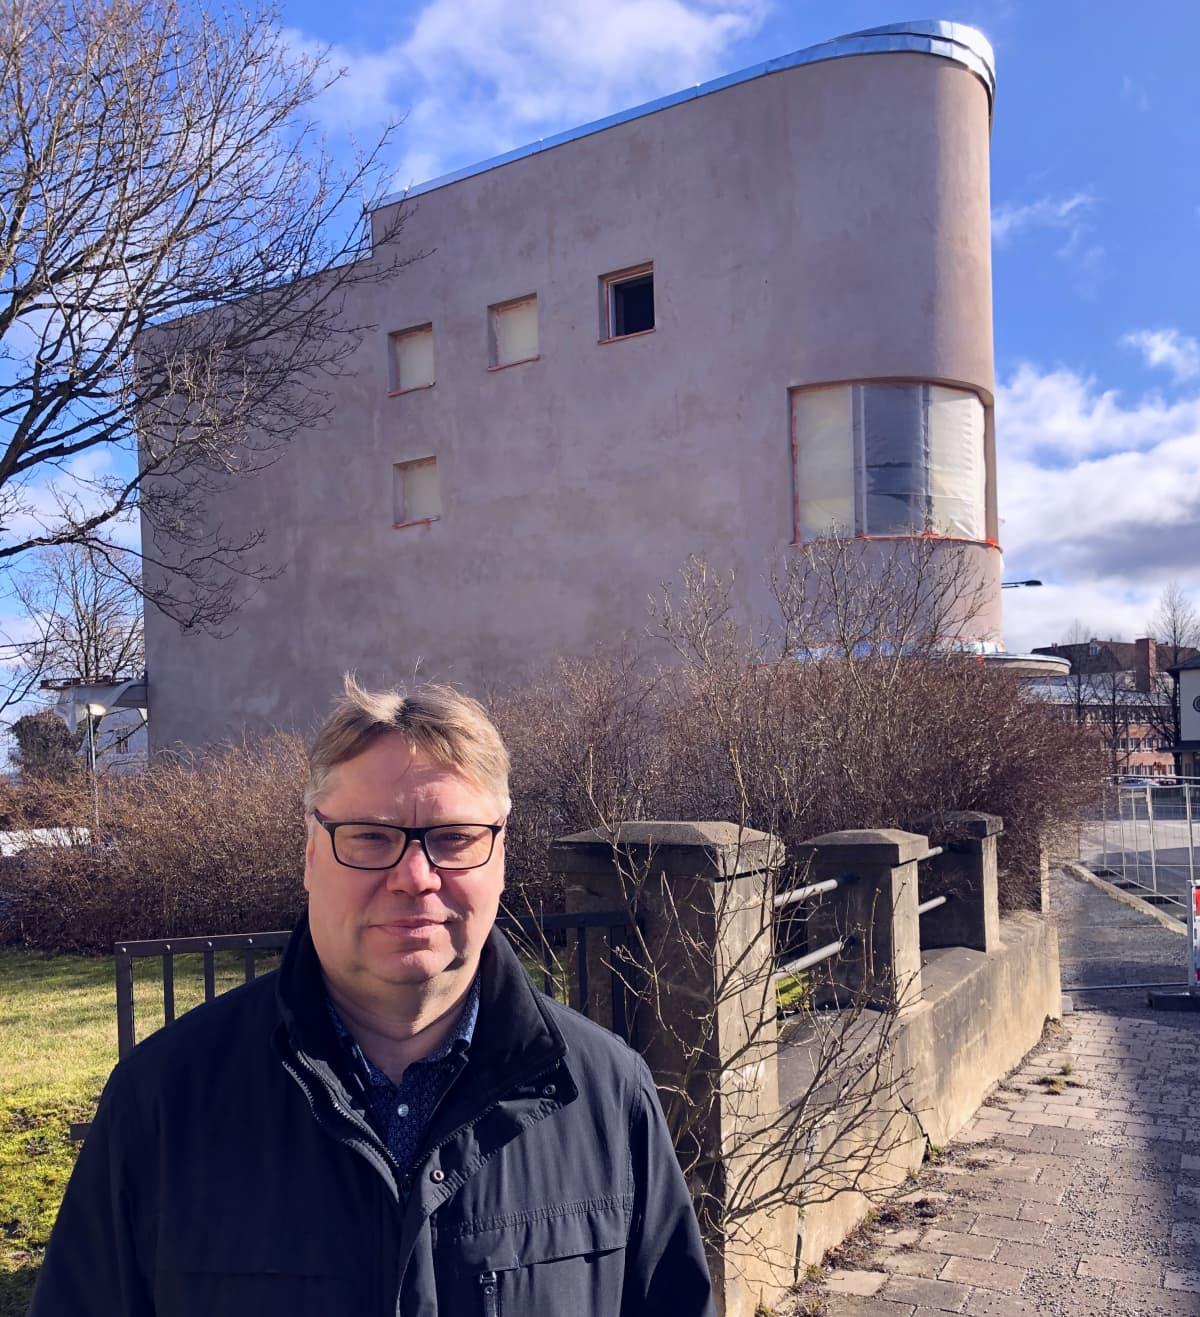 Mies seisoo kuvan etualalla. Takana vanha funkkistyylinen, pyöreäkulmainen rakennus.